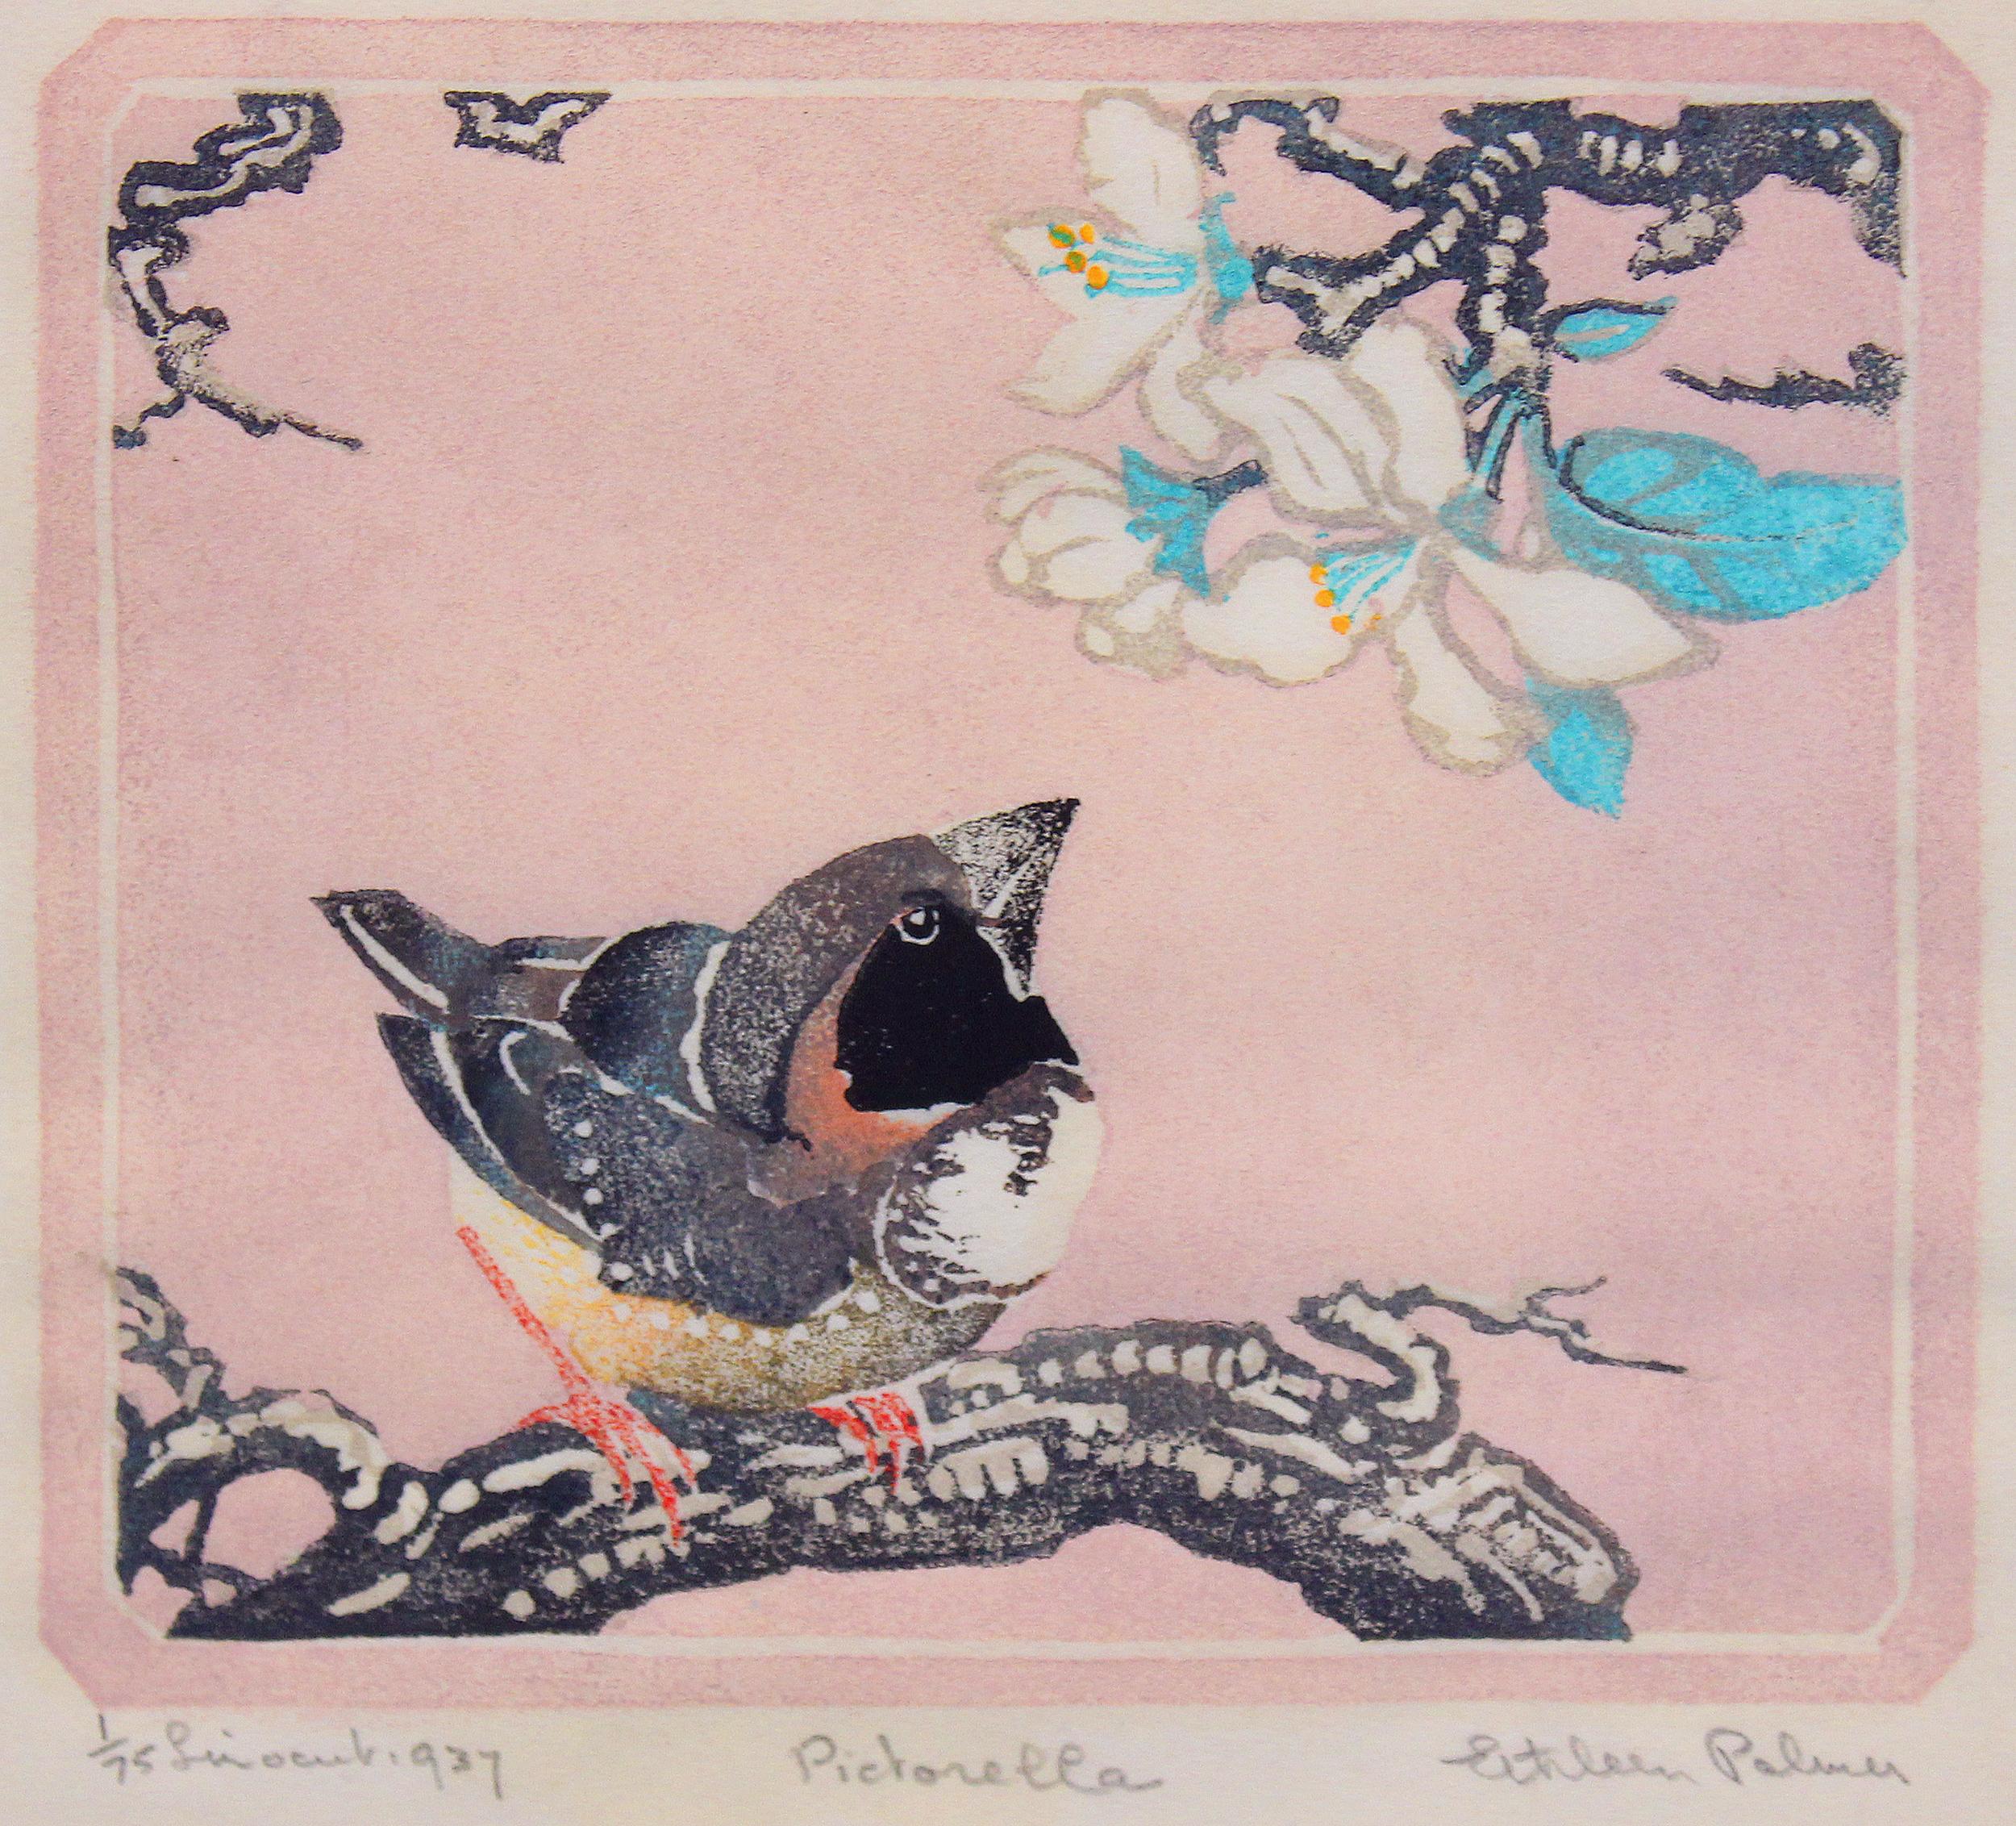 Ethleen Palmer - Pictorella 1937